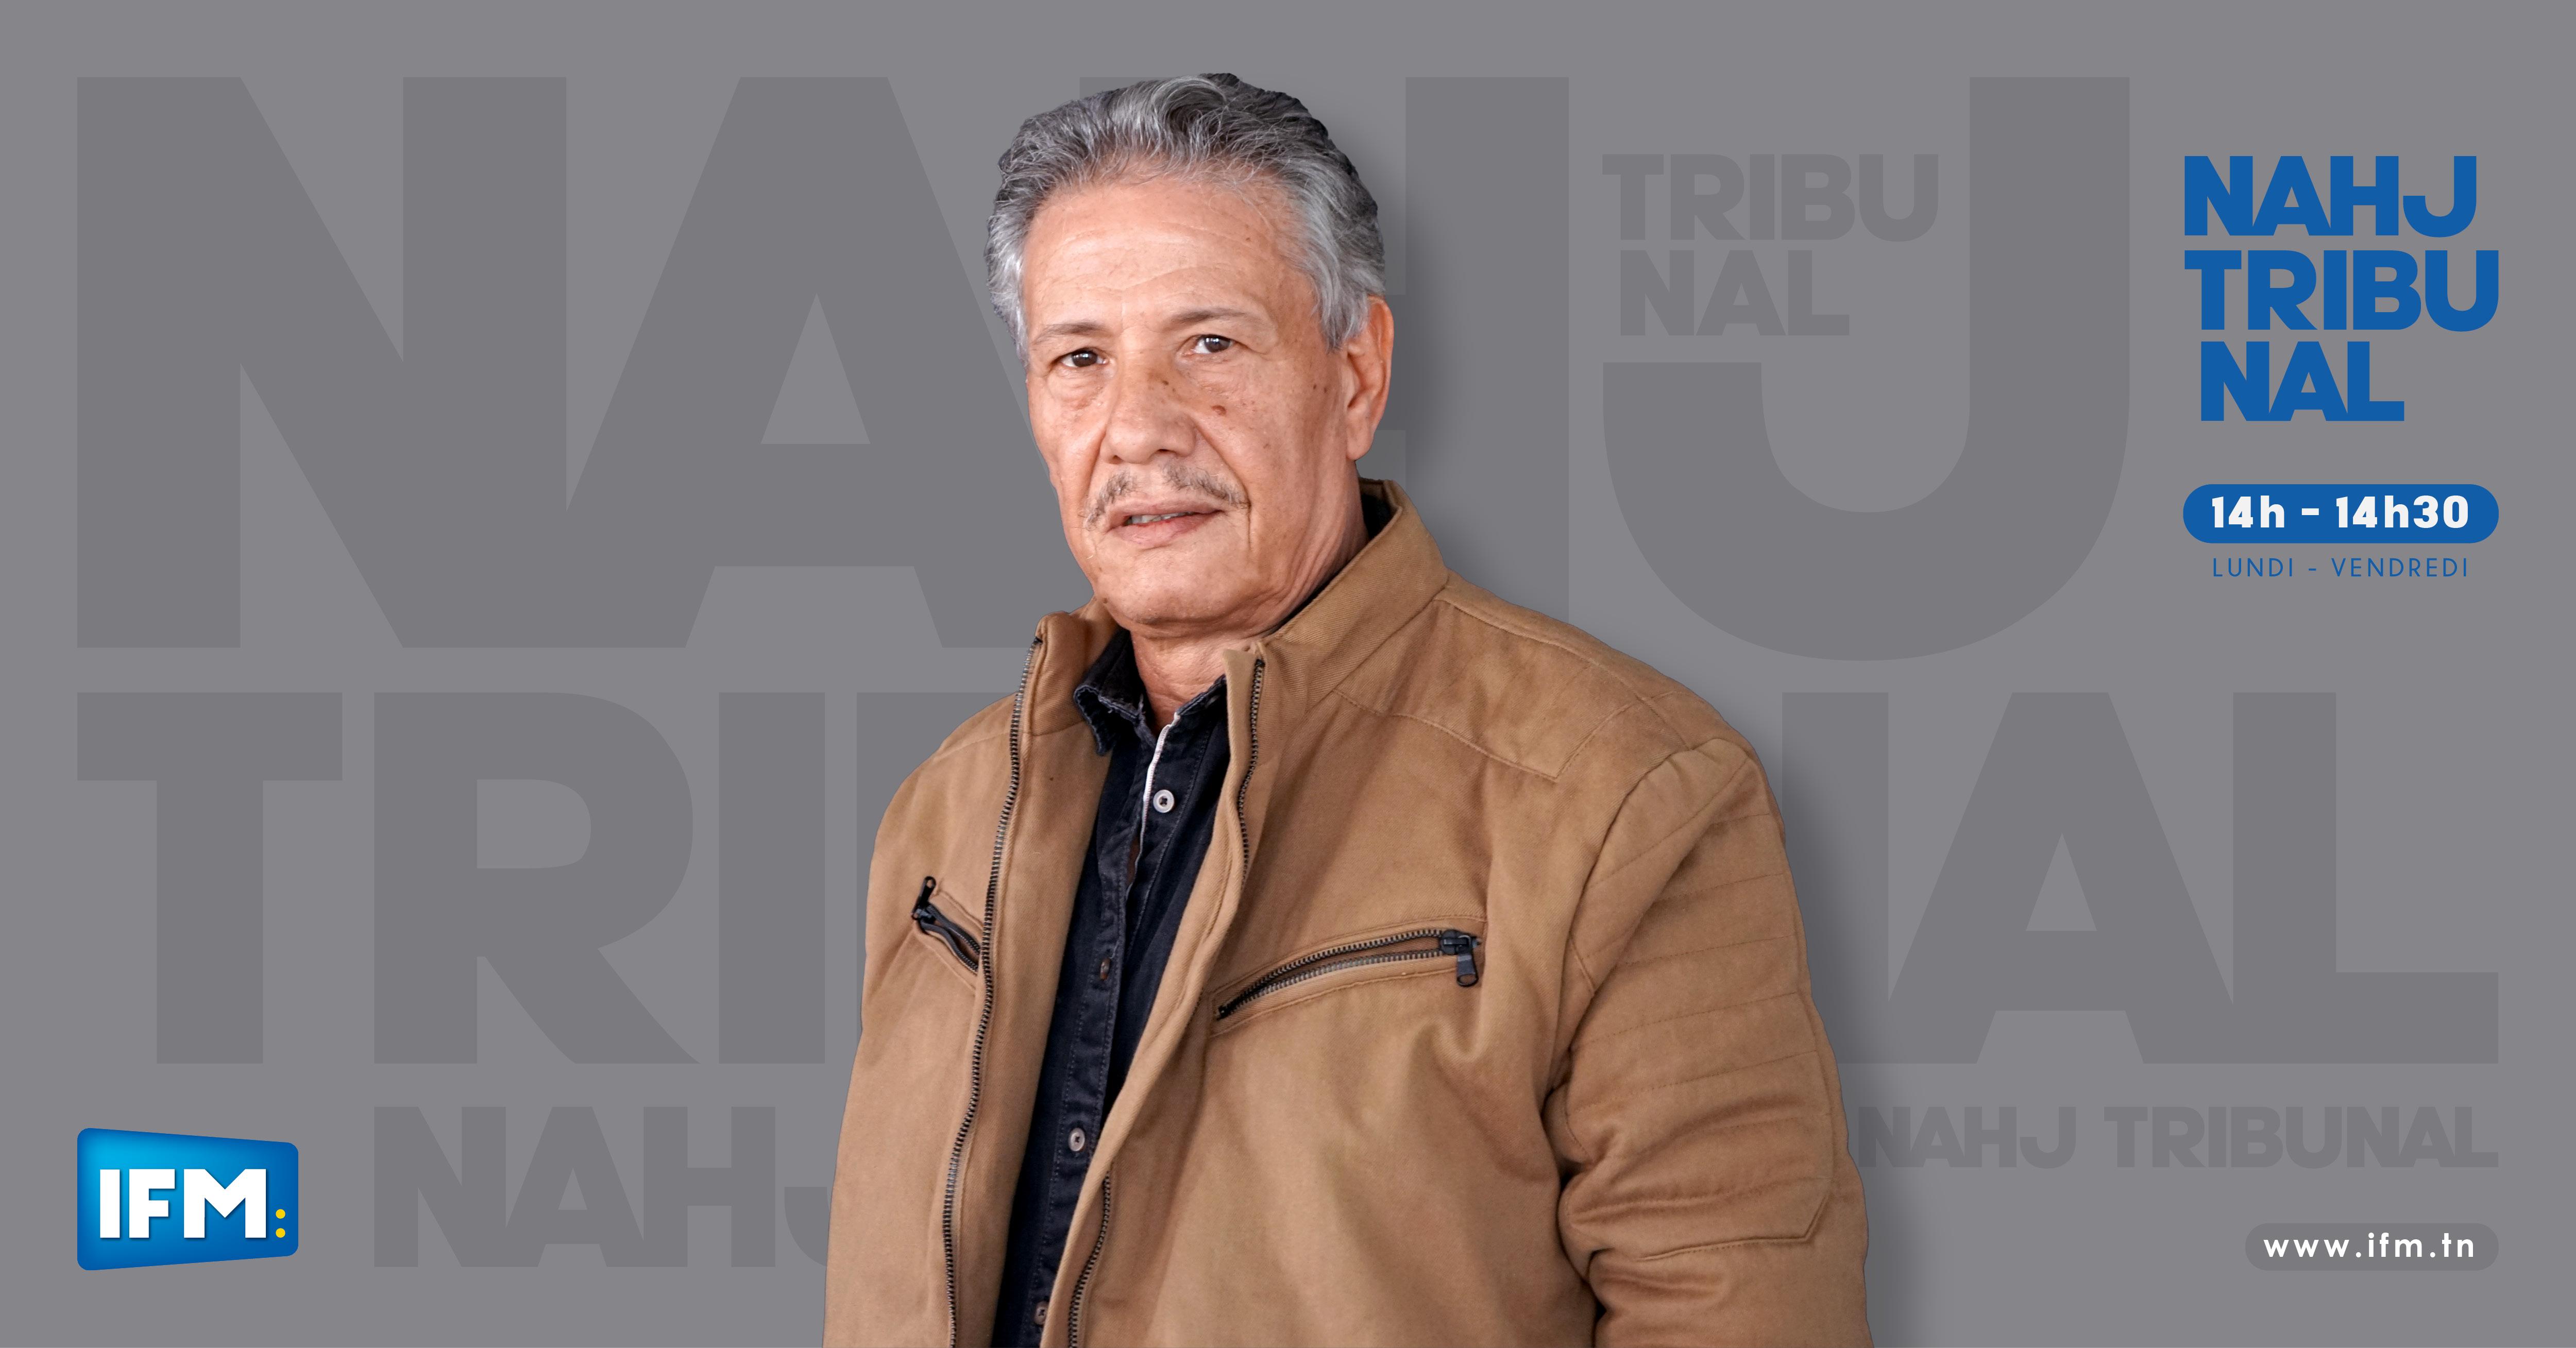 Nahj Tribunal Nahj Tribunal du 04 février 2021